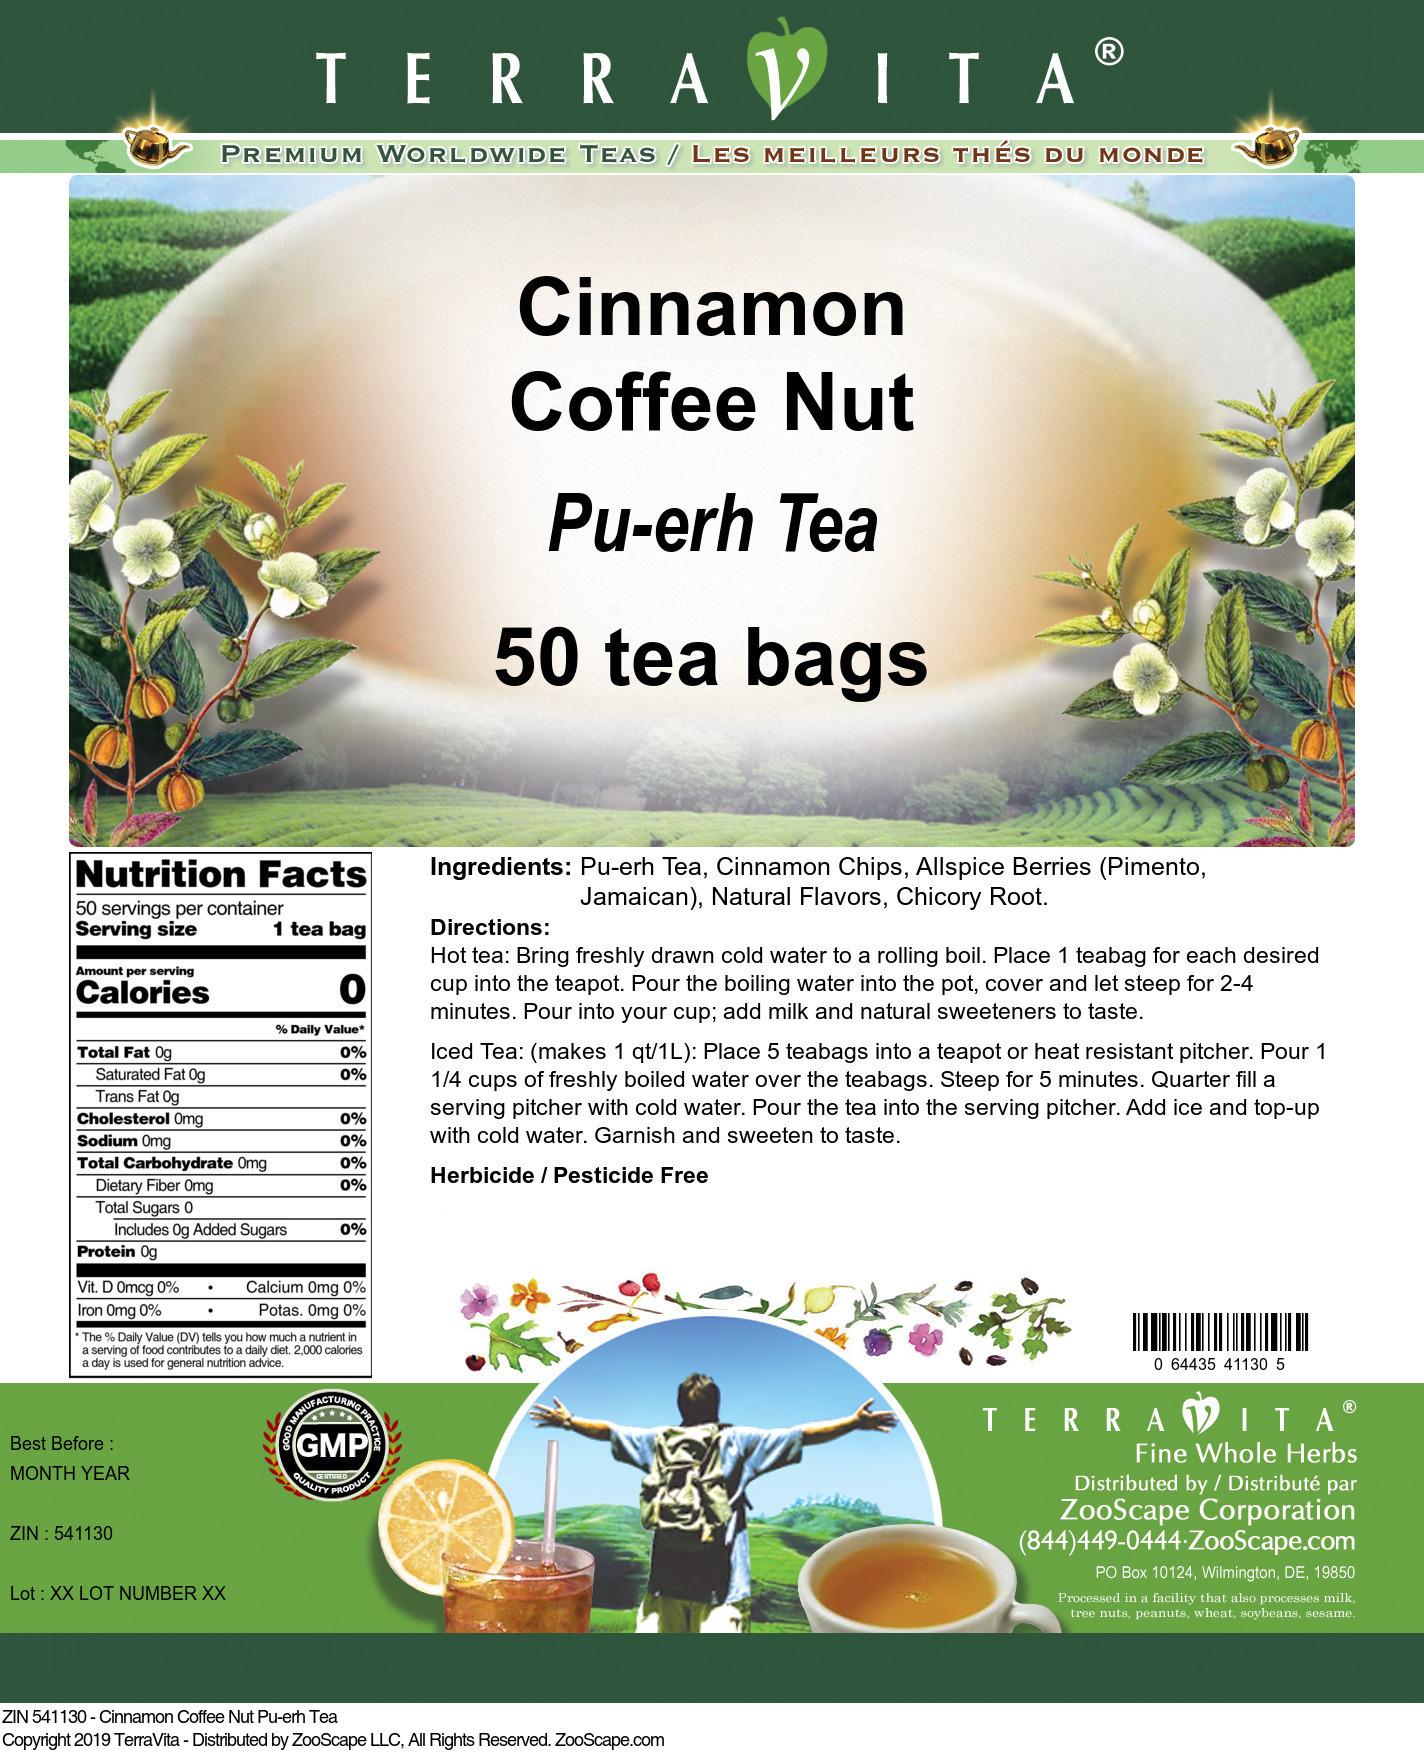 Cinnamon Coffee Nut Pu-erh Tea